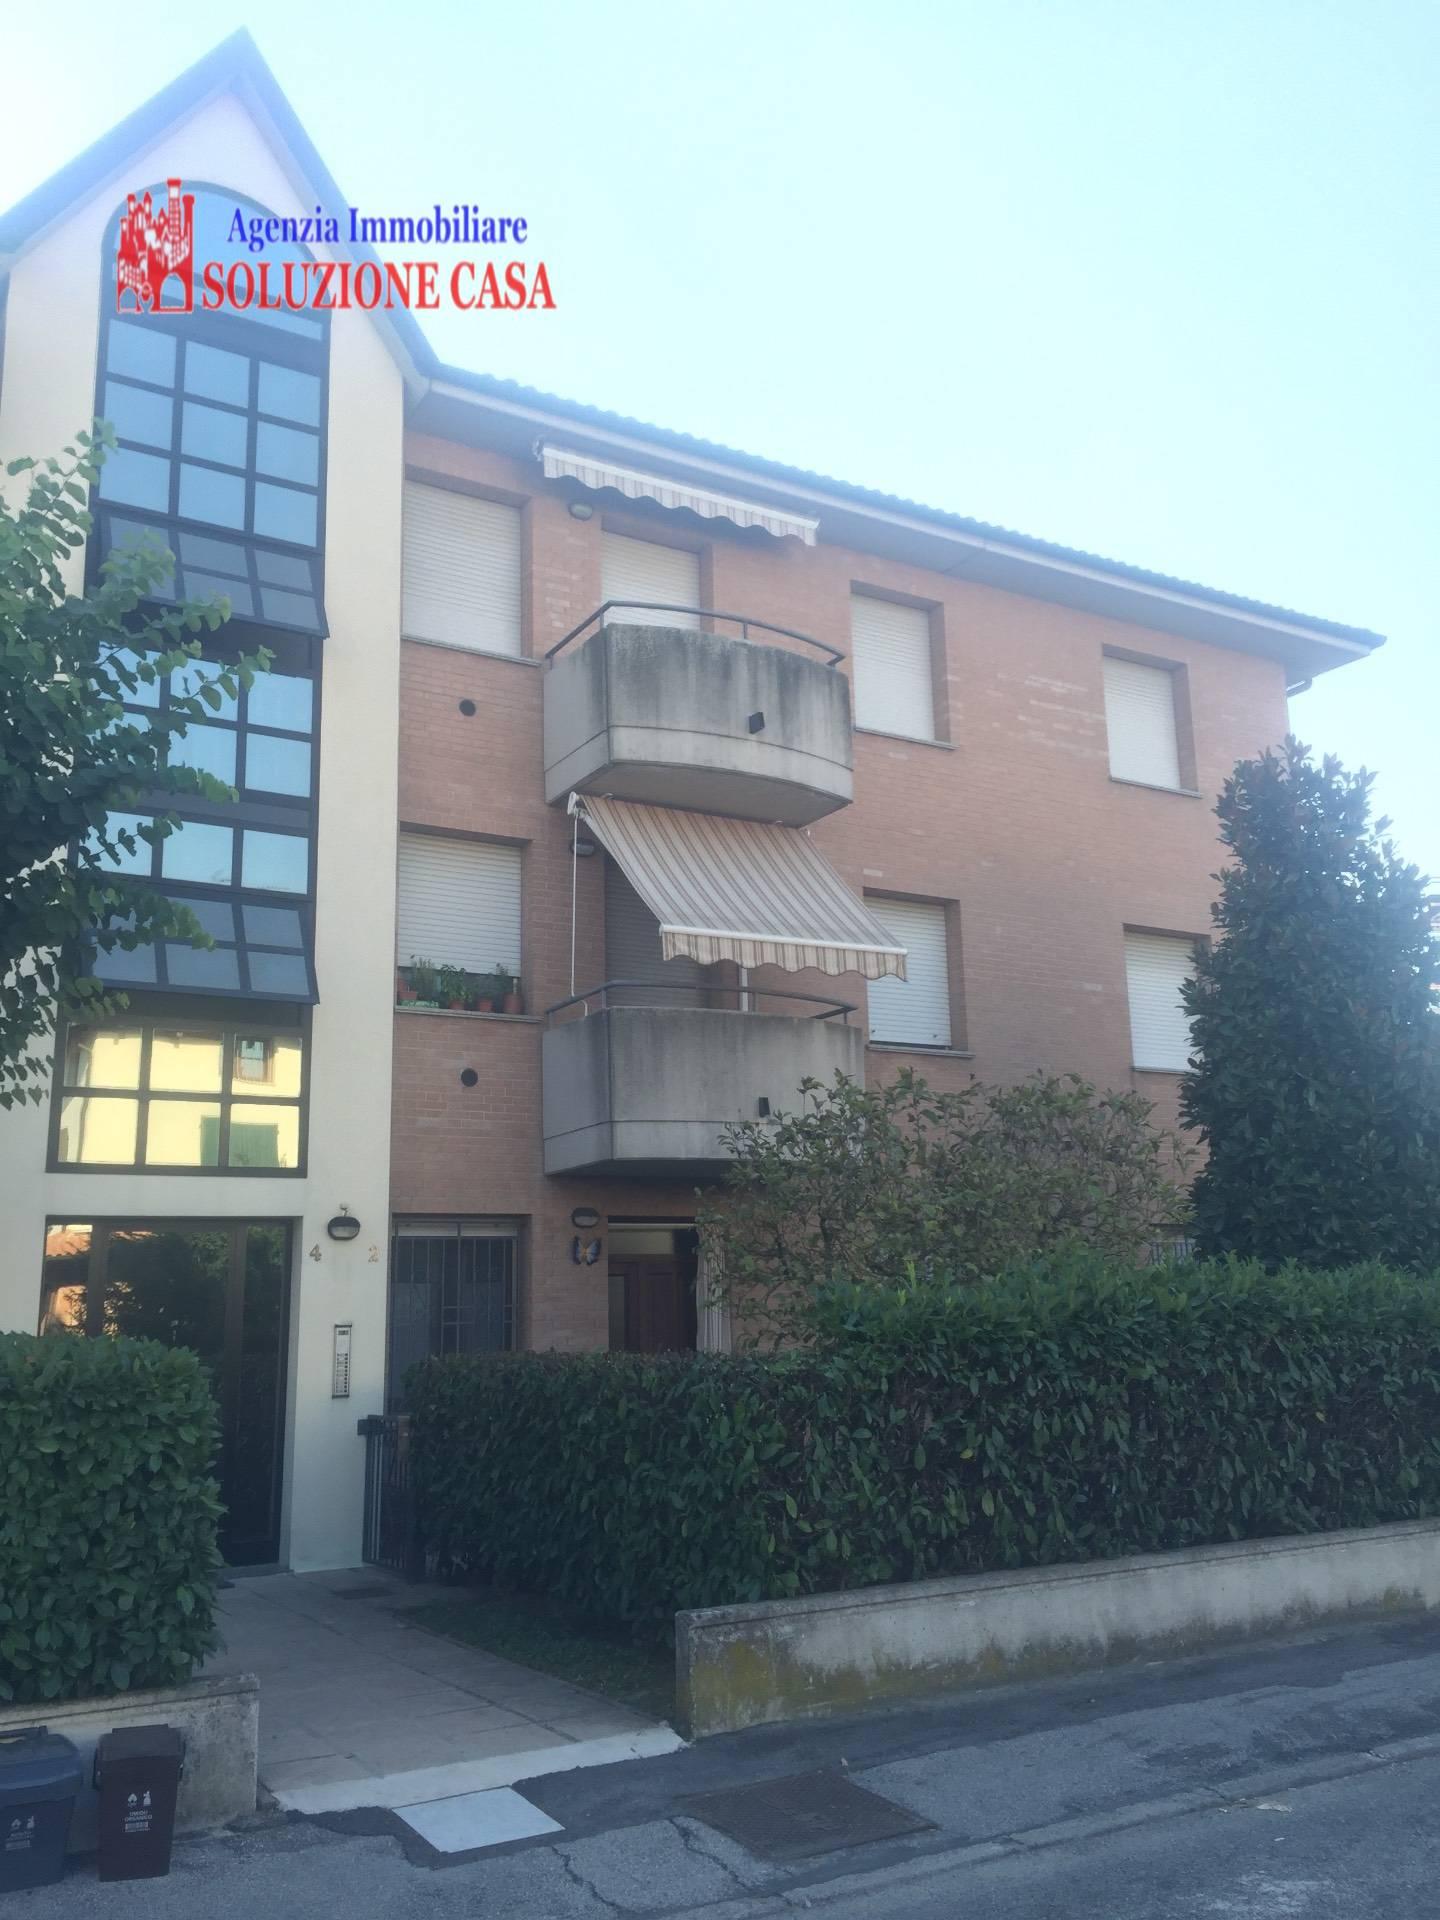 Appartamento in vendita a Cento, 3 locali, zona Località: CENTO, prezzo € 105.000 | Cambio Casa.it